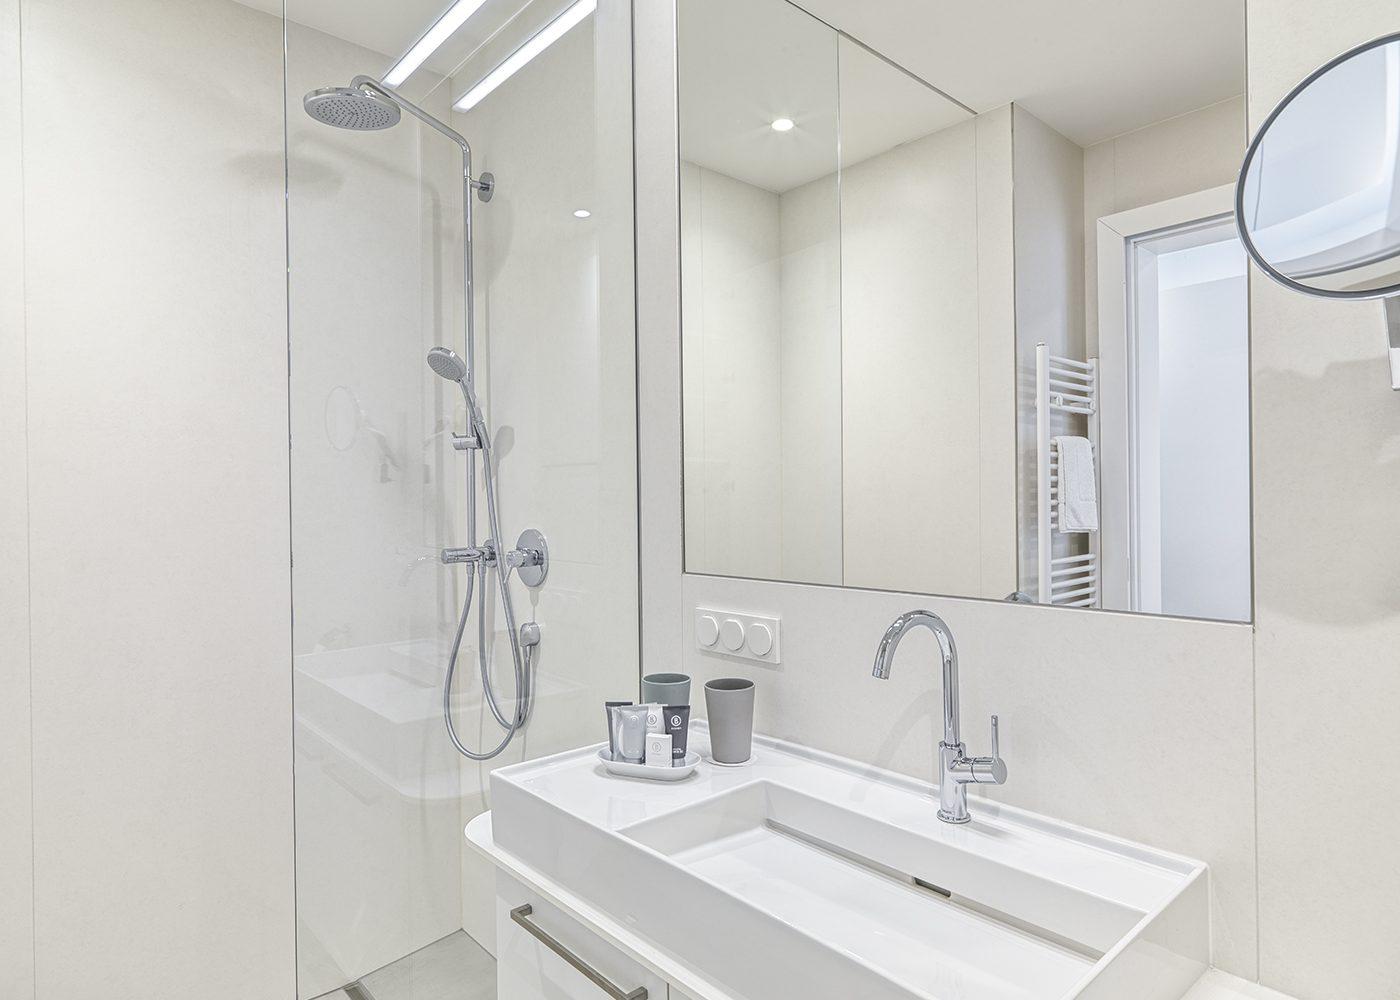 Interieur Badezimmer - Dusche Waschbecken Spiegel